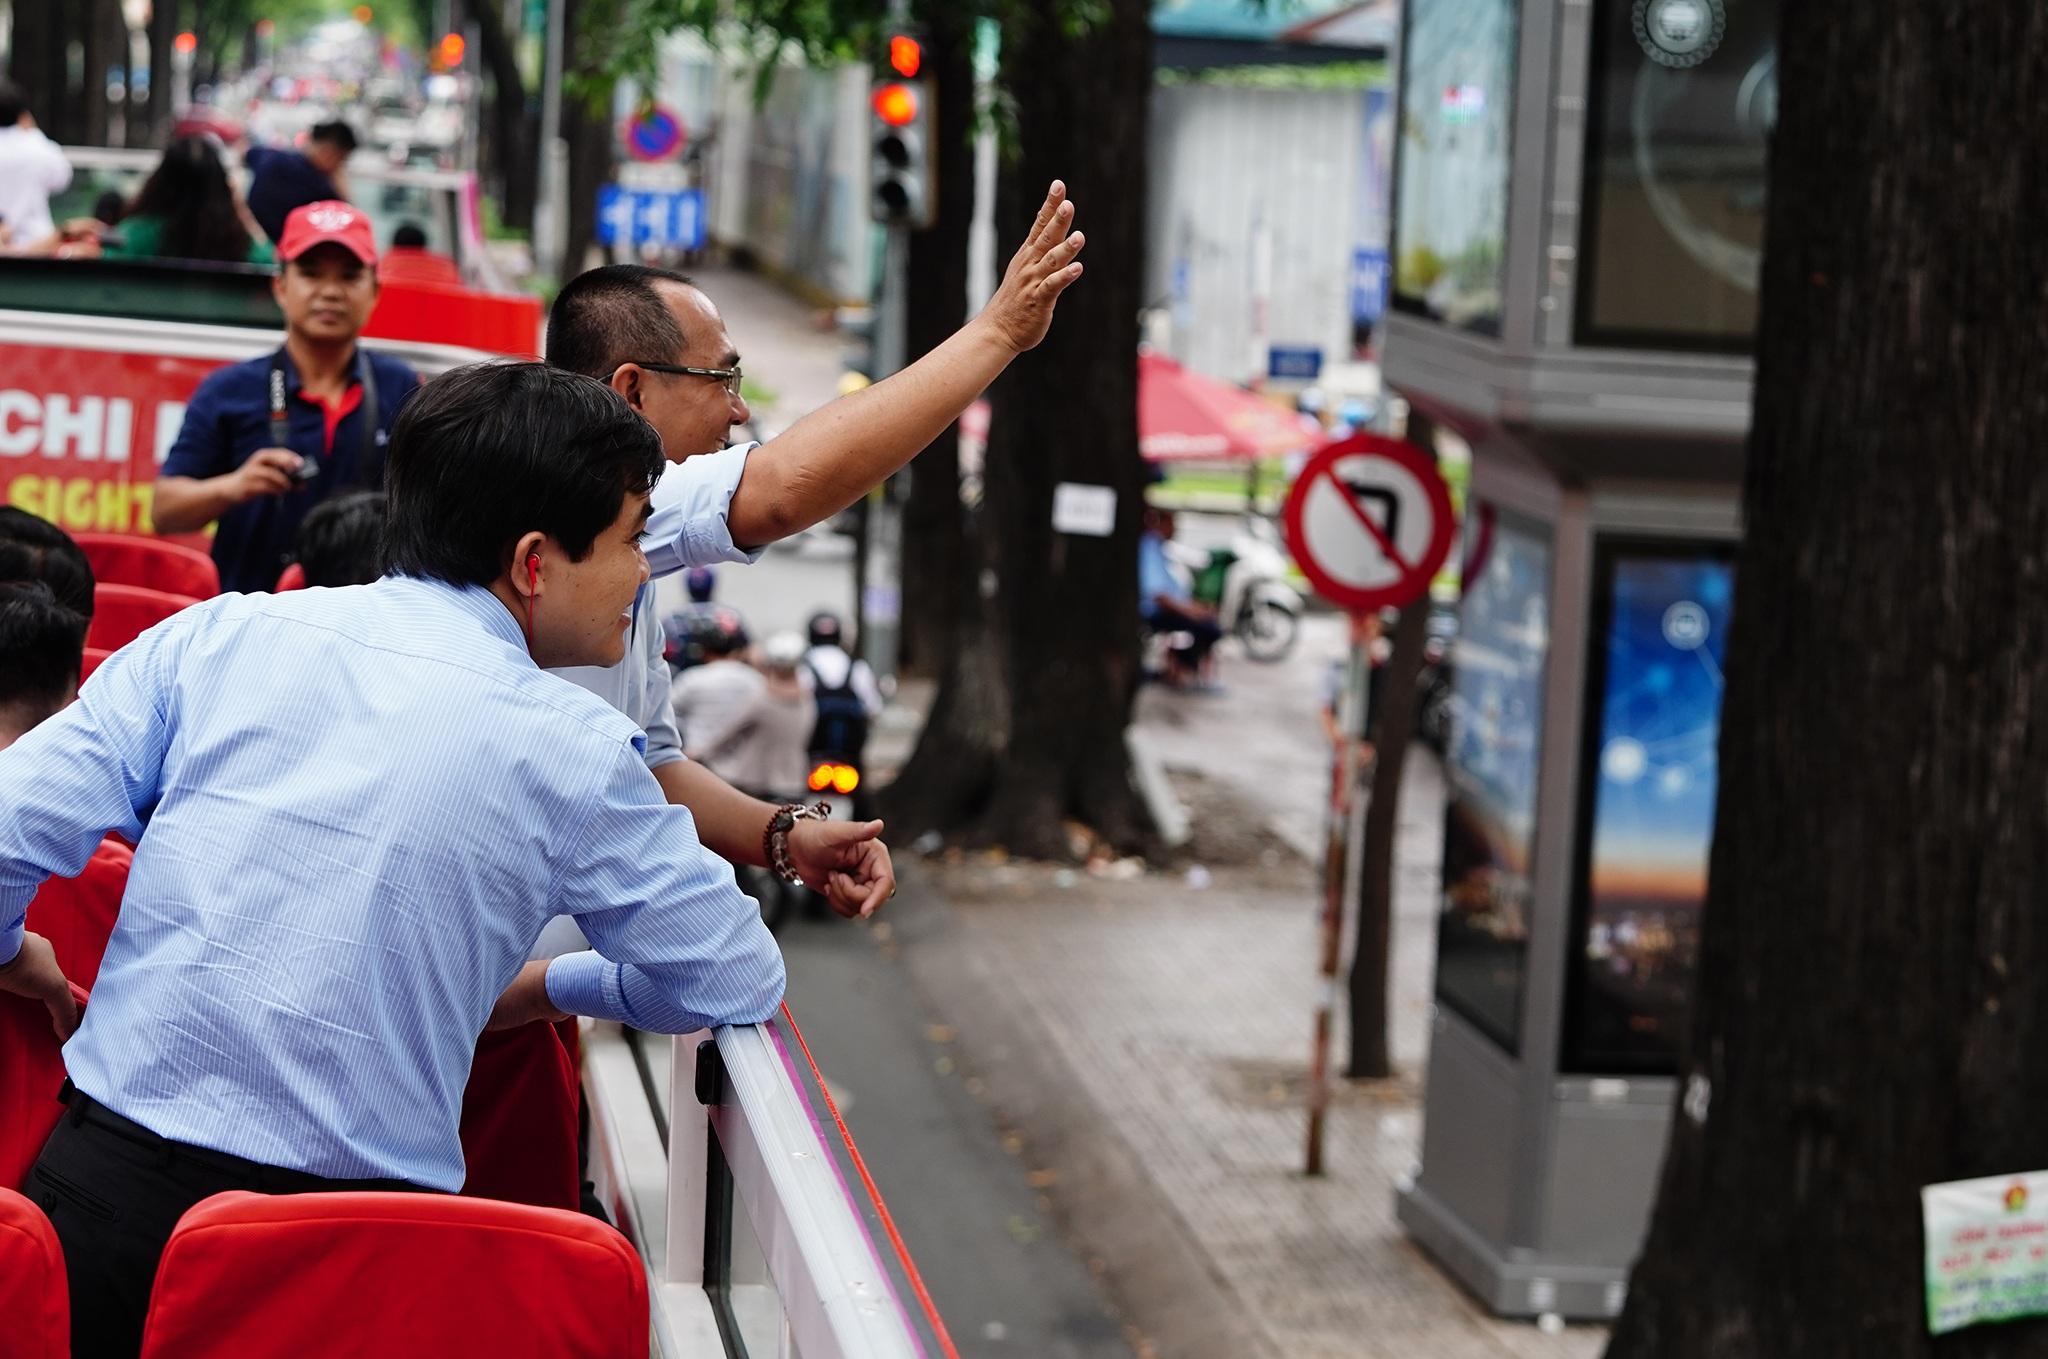 TP.HCM tăng tốc kích cầu du lịch nội địa với gần 300.000 vé ưu đãi - 18